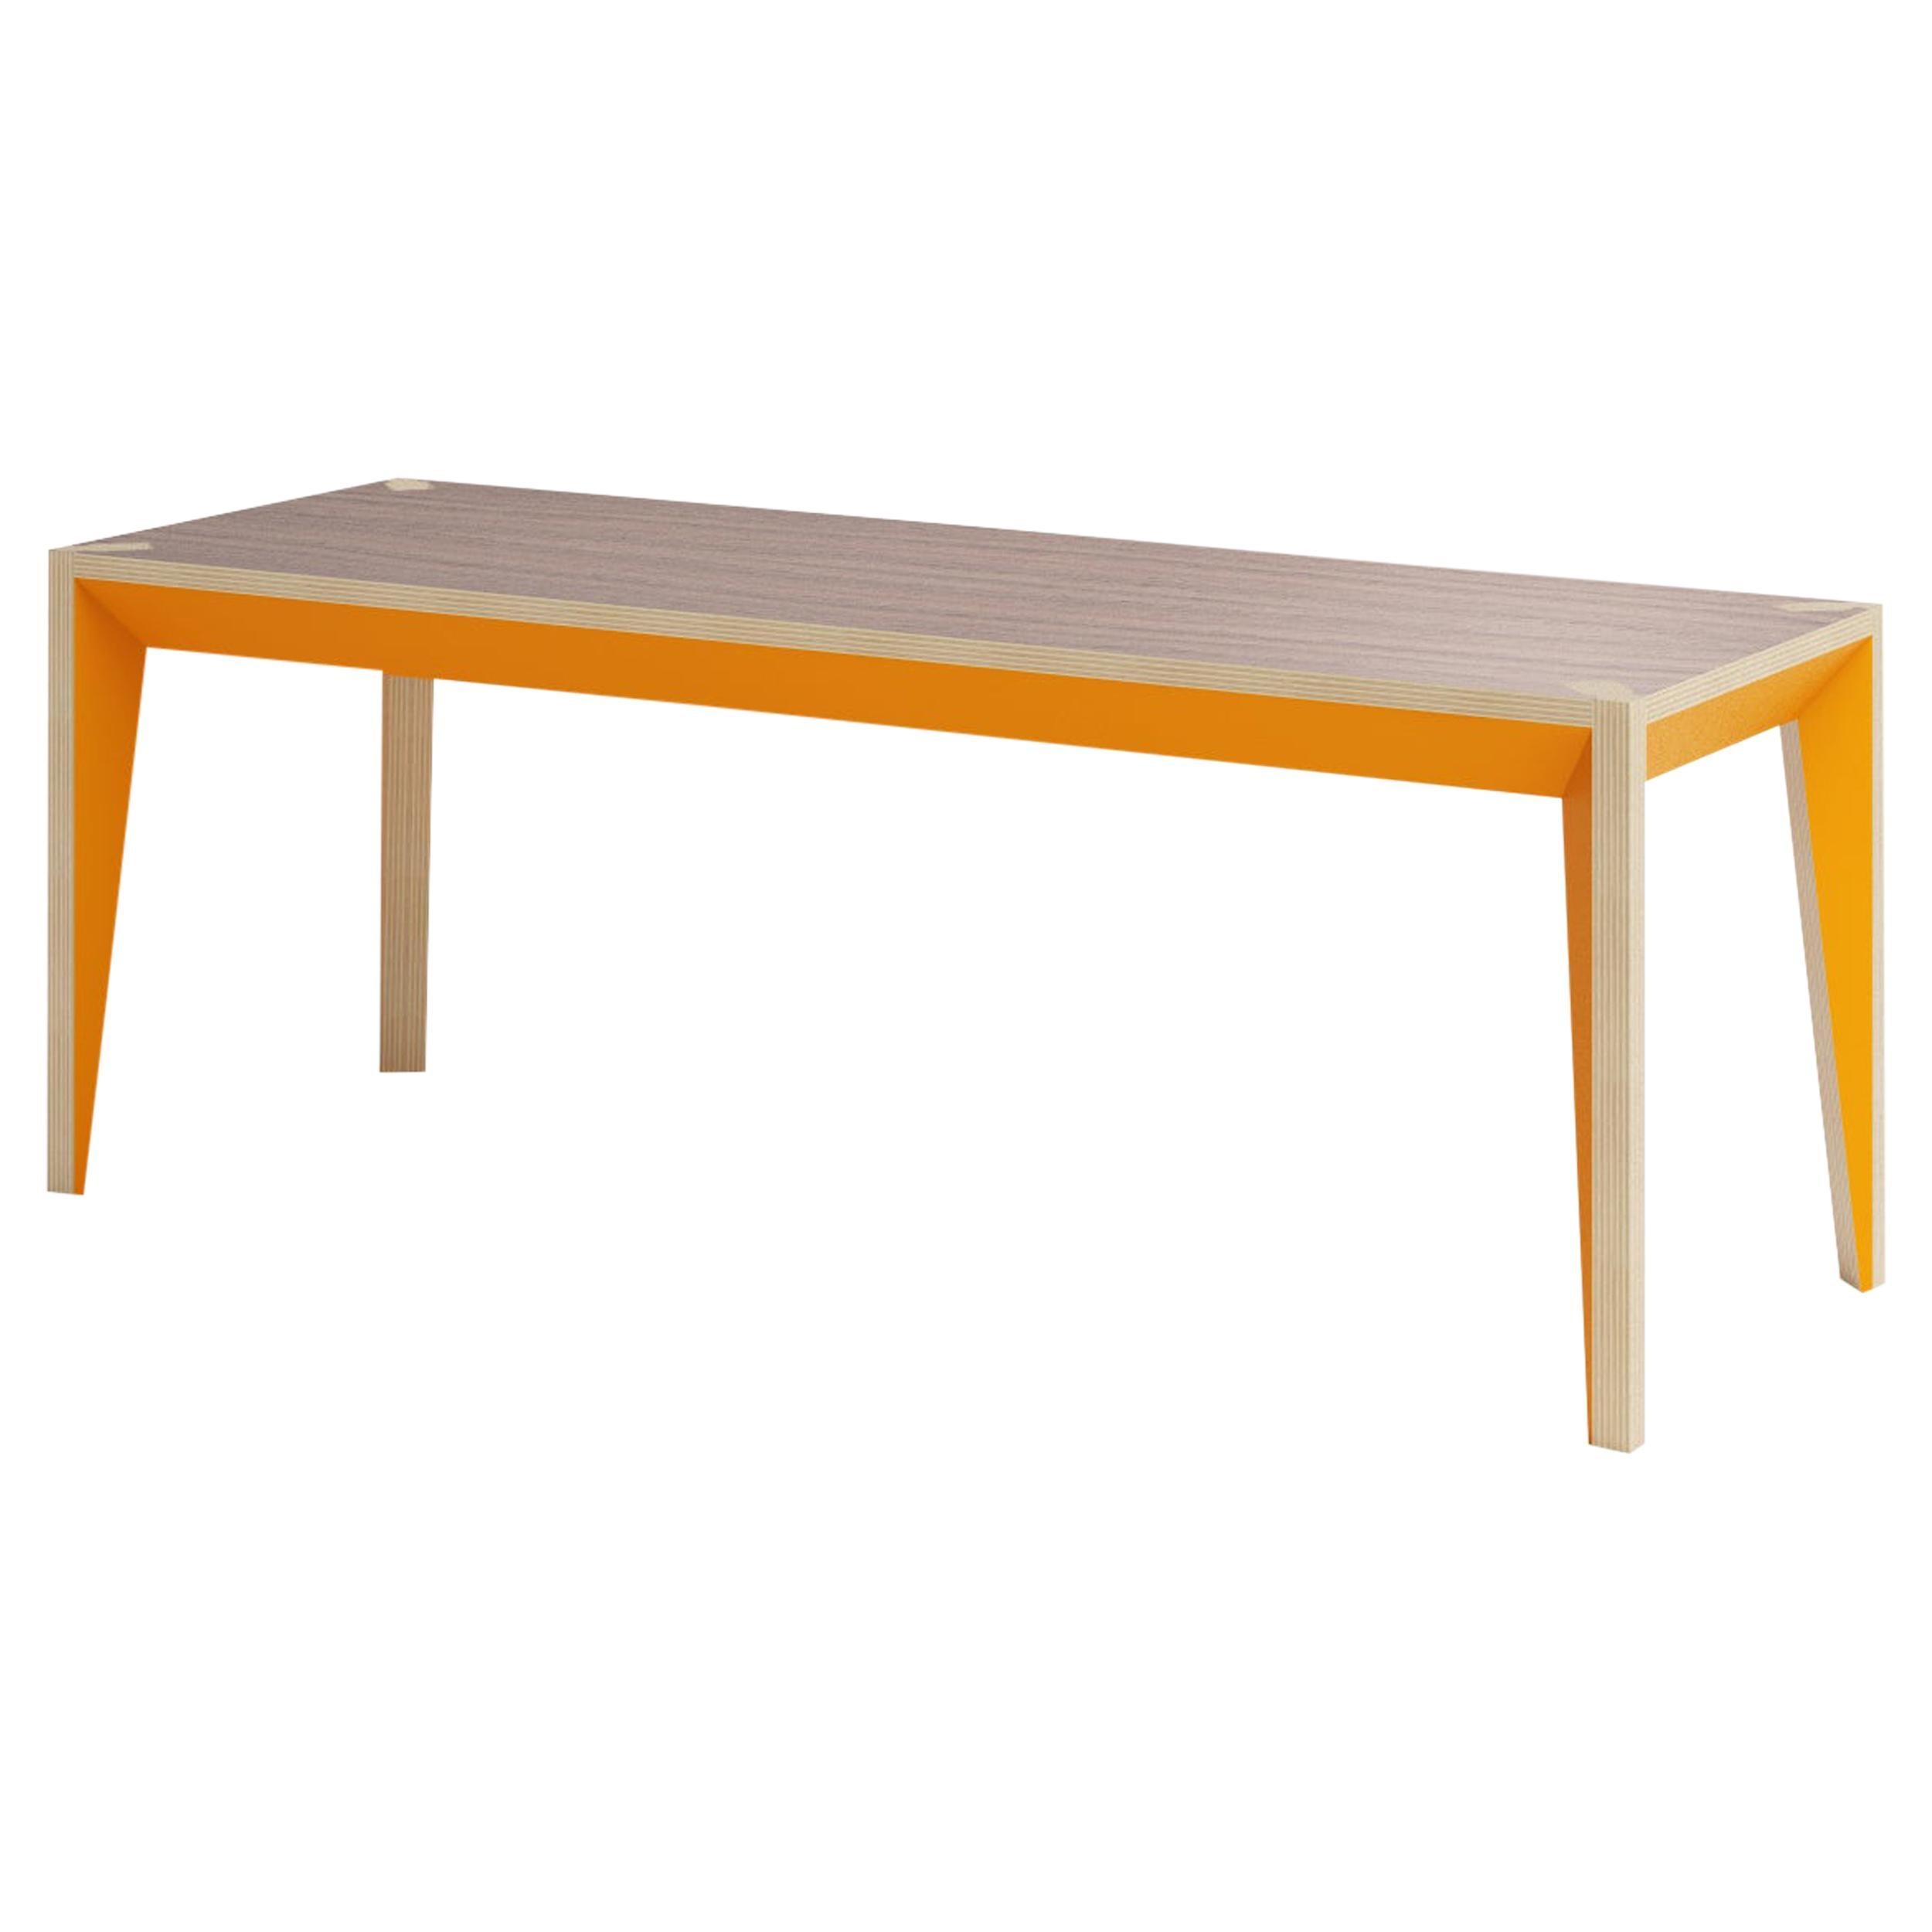 Walnut Orange MiMi Bench by Miduny, Made in Italy